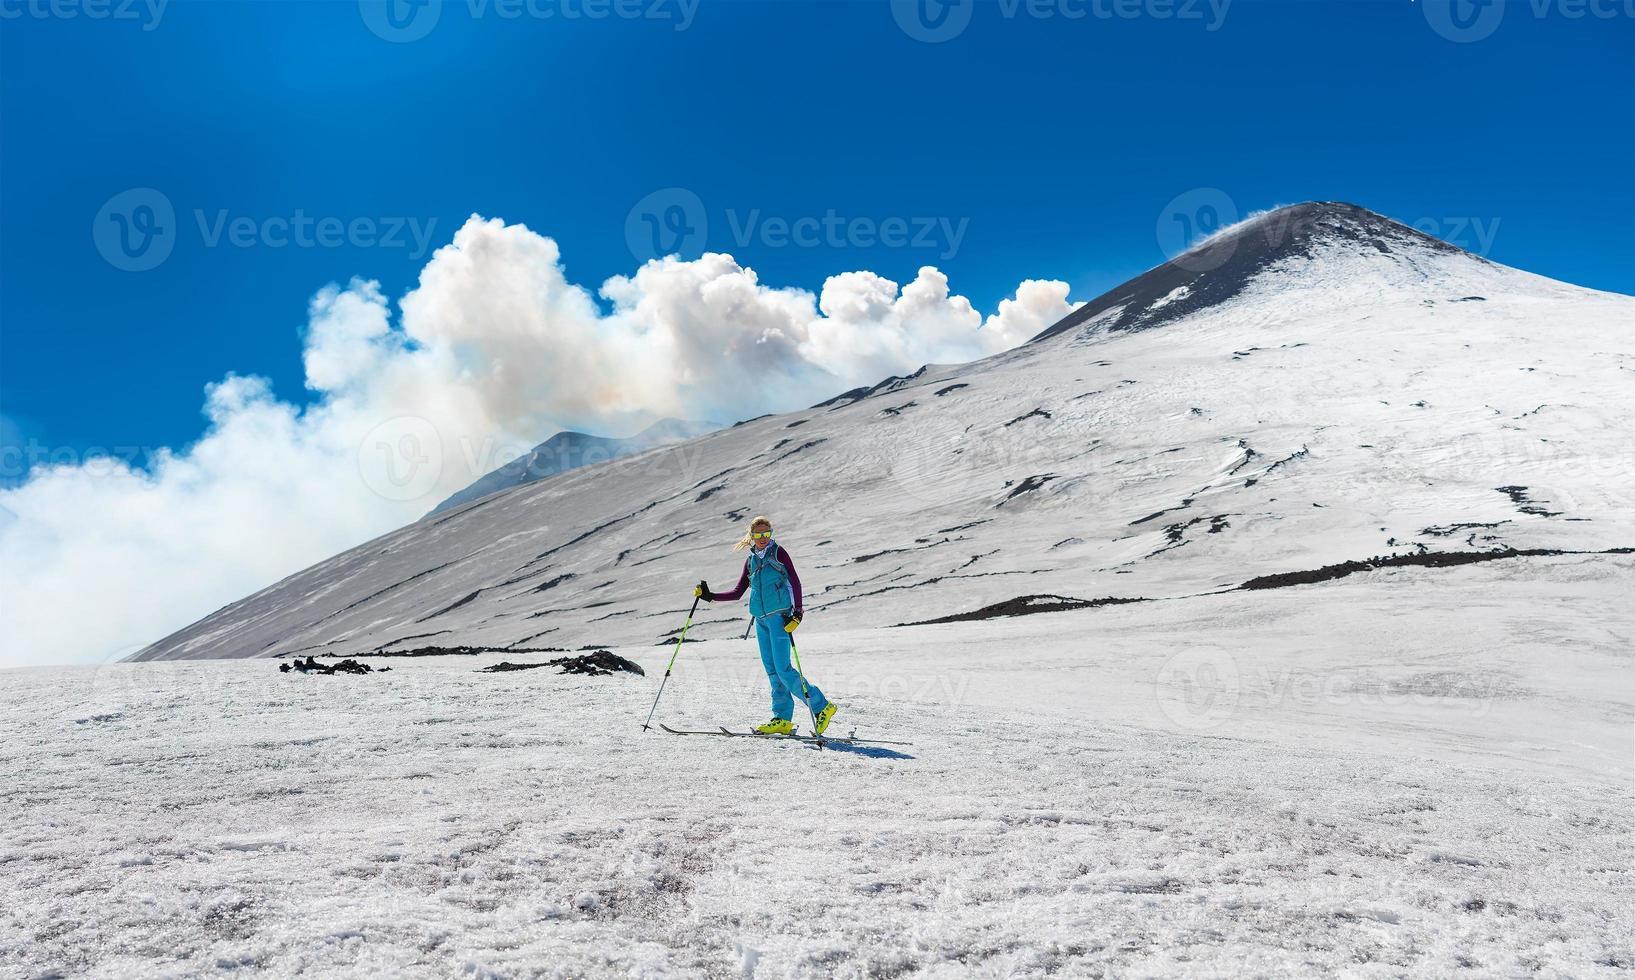 niña de esquí de travesía bajo la cima del cráter del monte etna foto